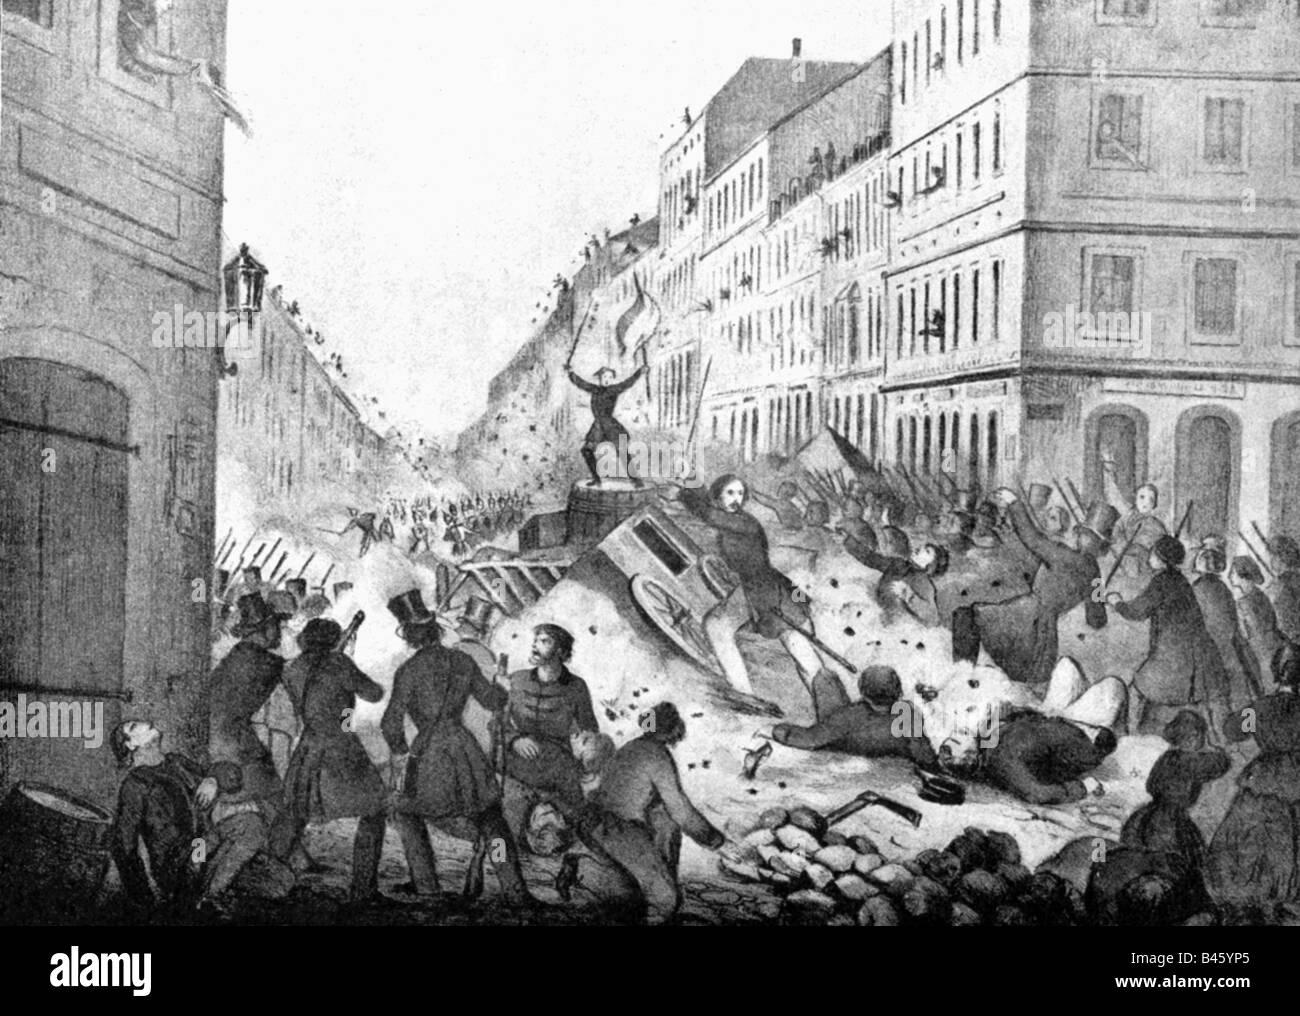 Événements, révolutions 1848 - 1849, Allemagne, Prusse, Révolution de mars, Berlin, barricade à Taubenstrasse, 18.3.1848, Banque D'Images